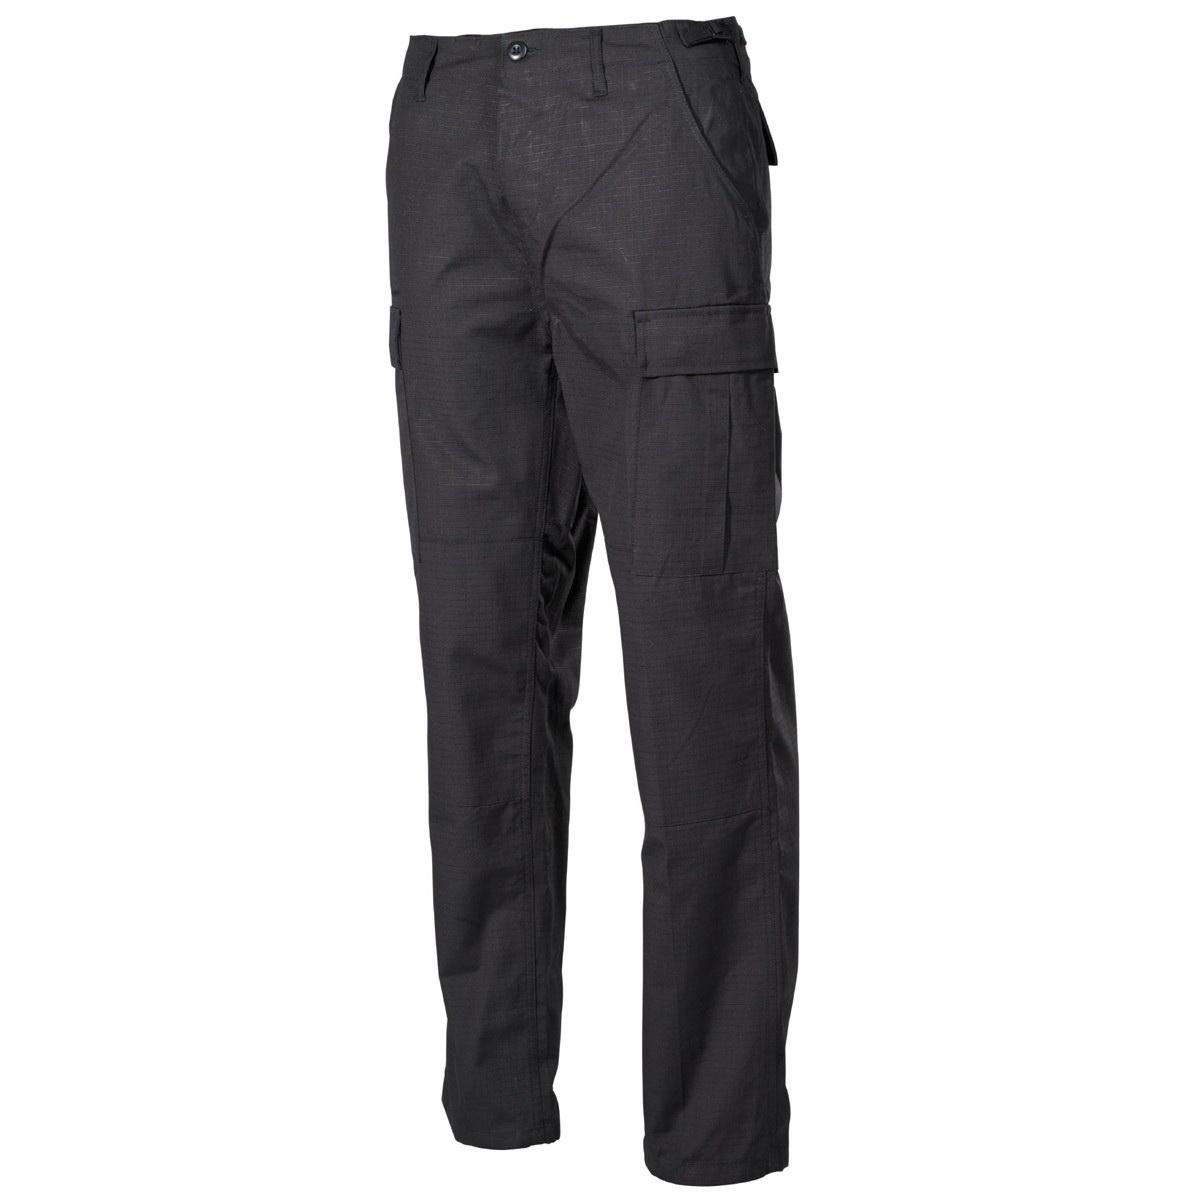 Pantalone BDU RIP STOP crne